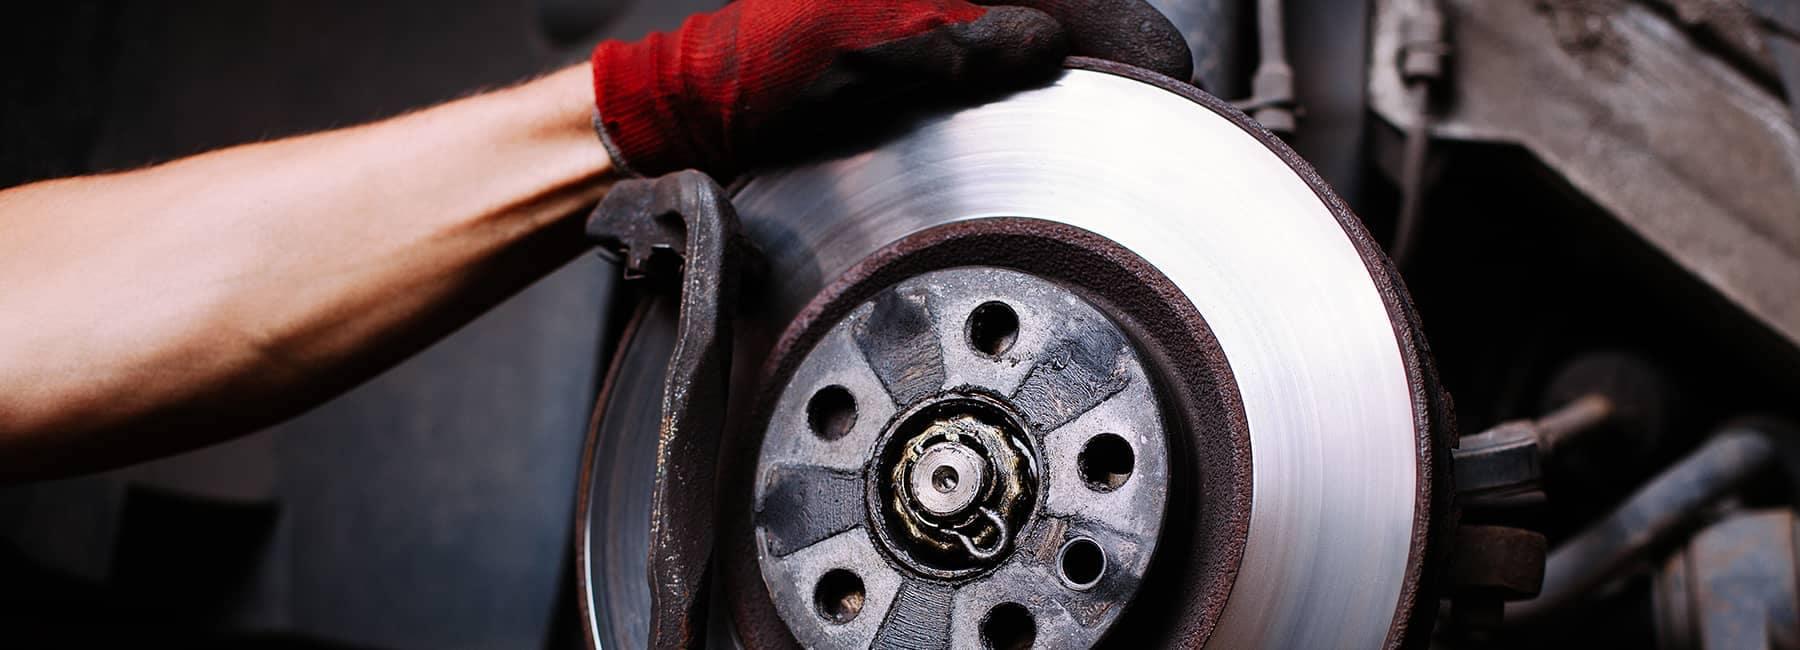 Mechanic Working on Rotors